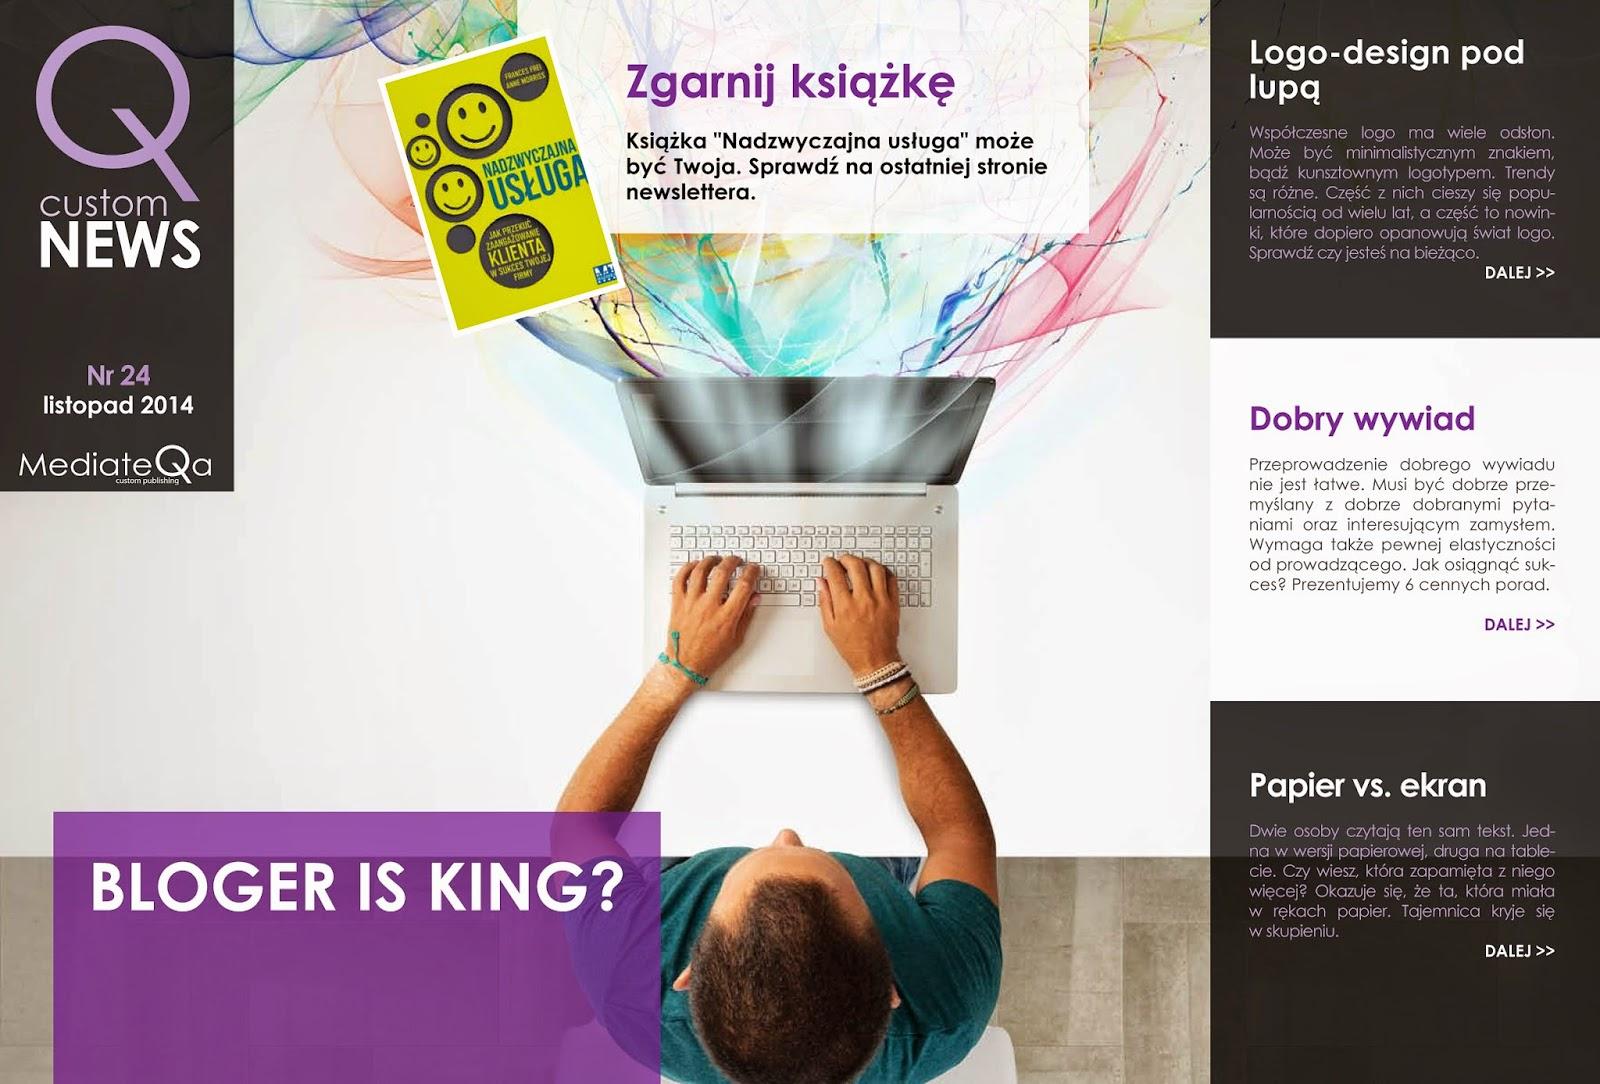 http://www.mediateqa.pl/newsletter/nr24/